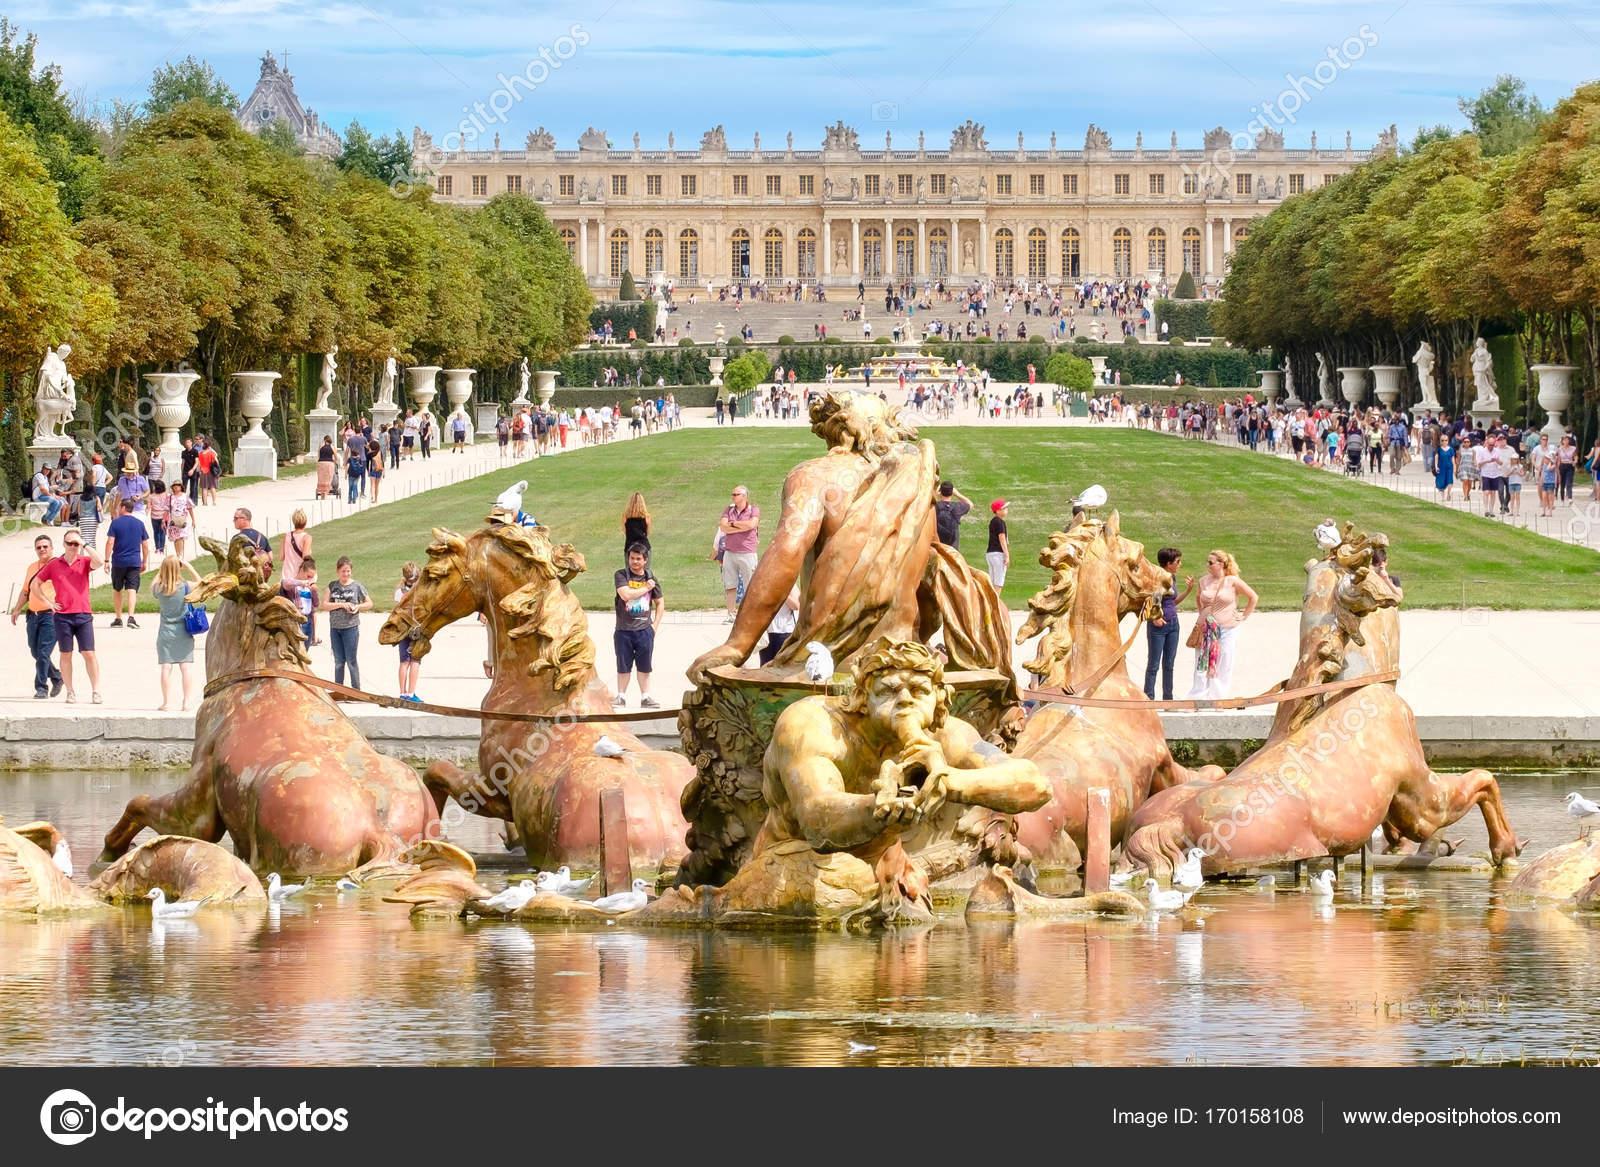 La fontana di apollo e i giardini della reggia di versailles